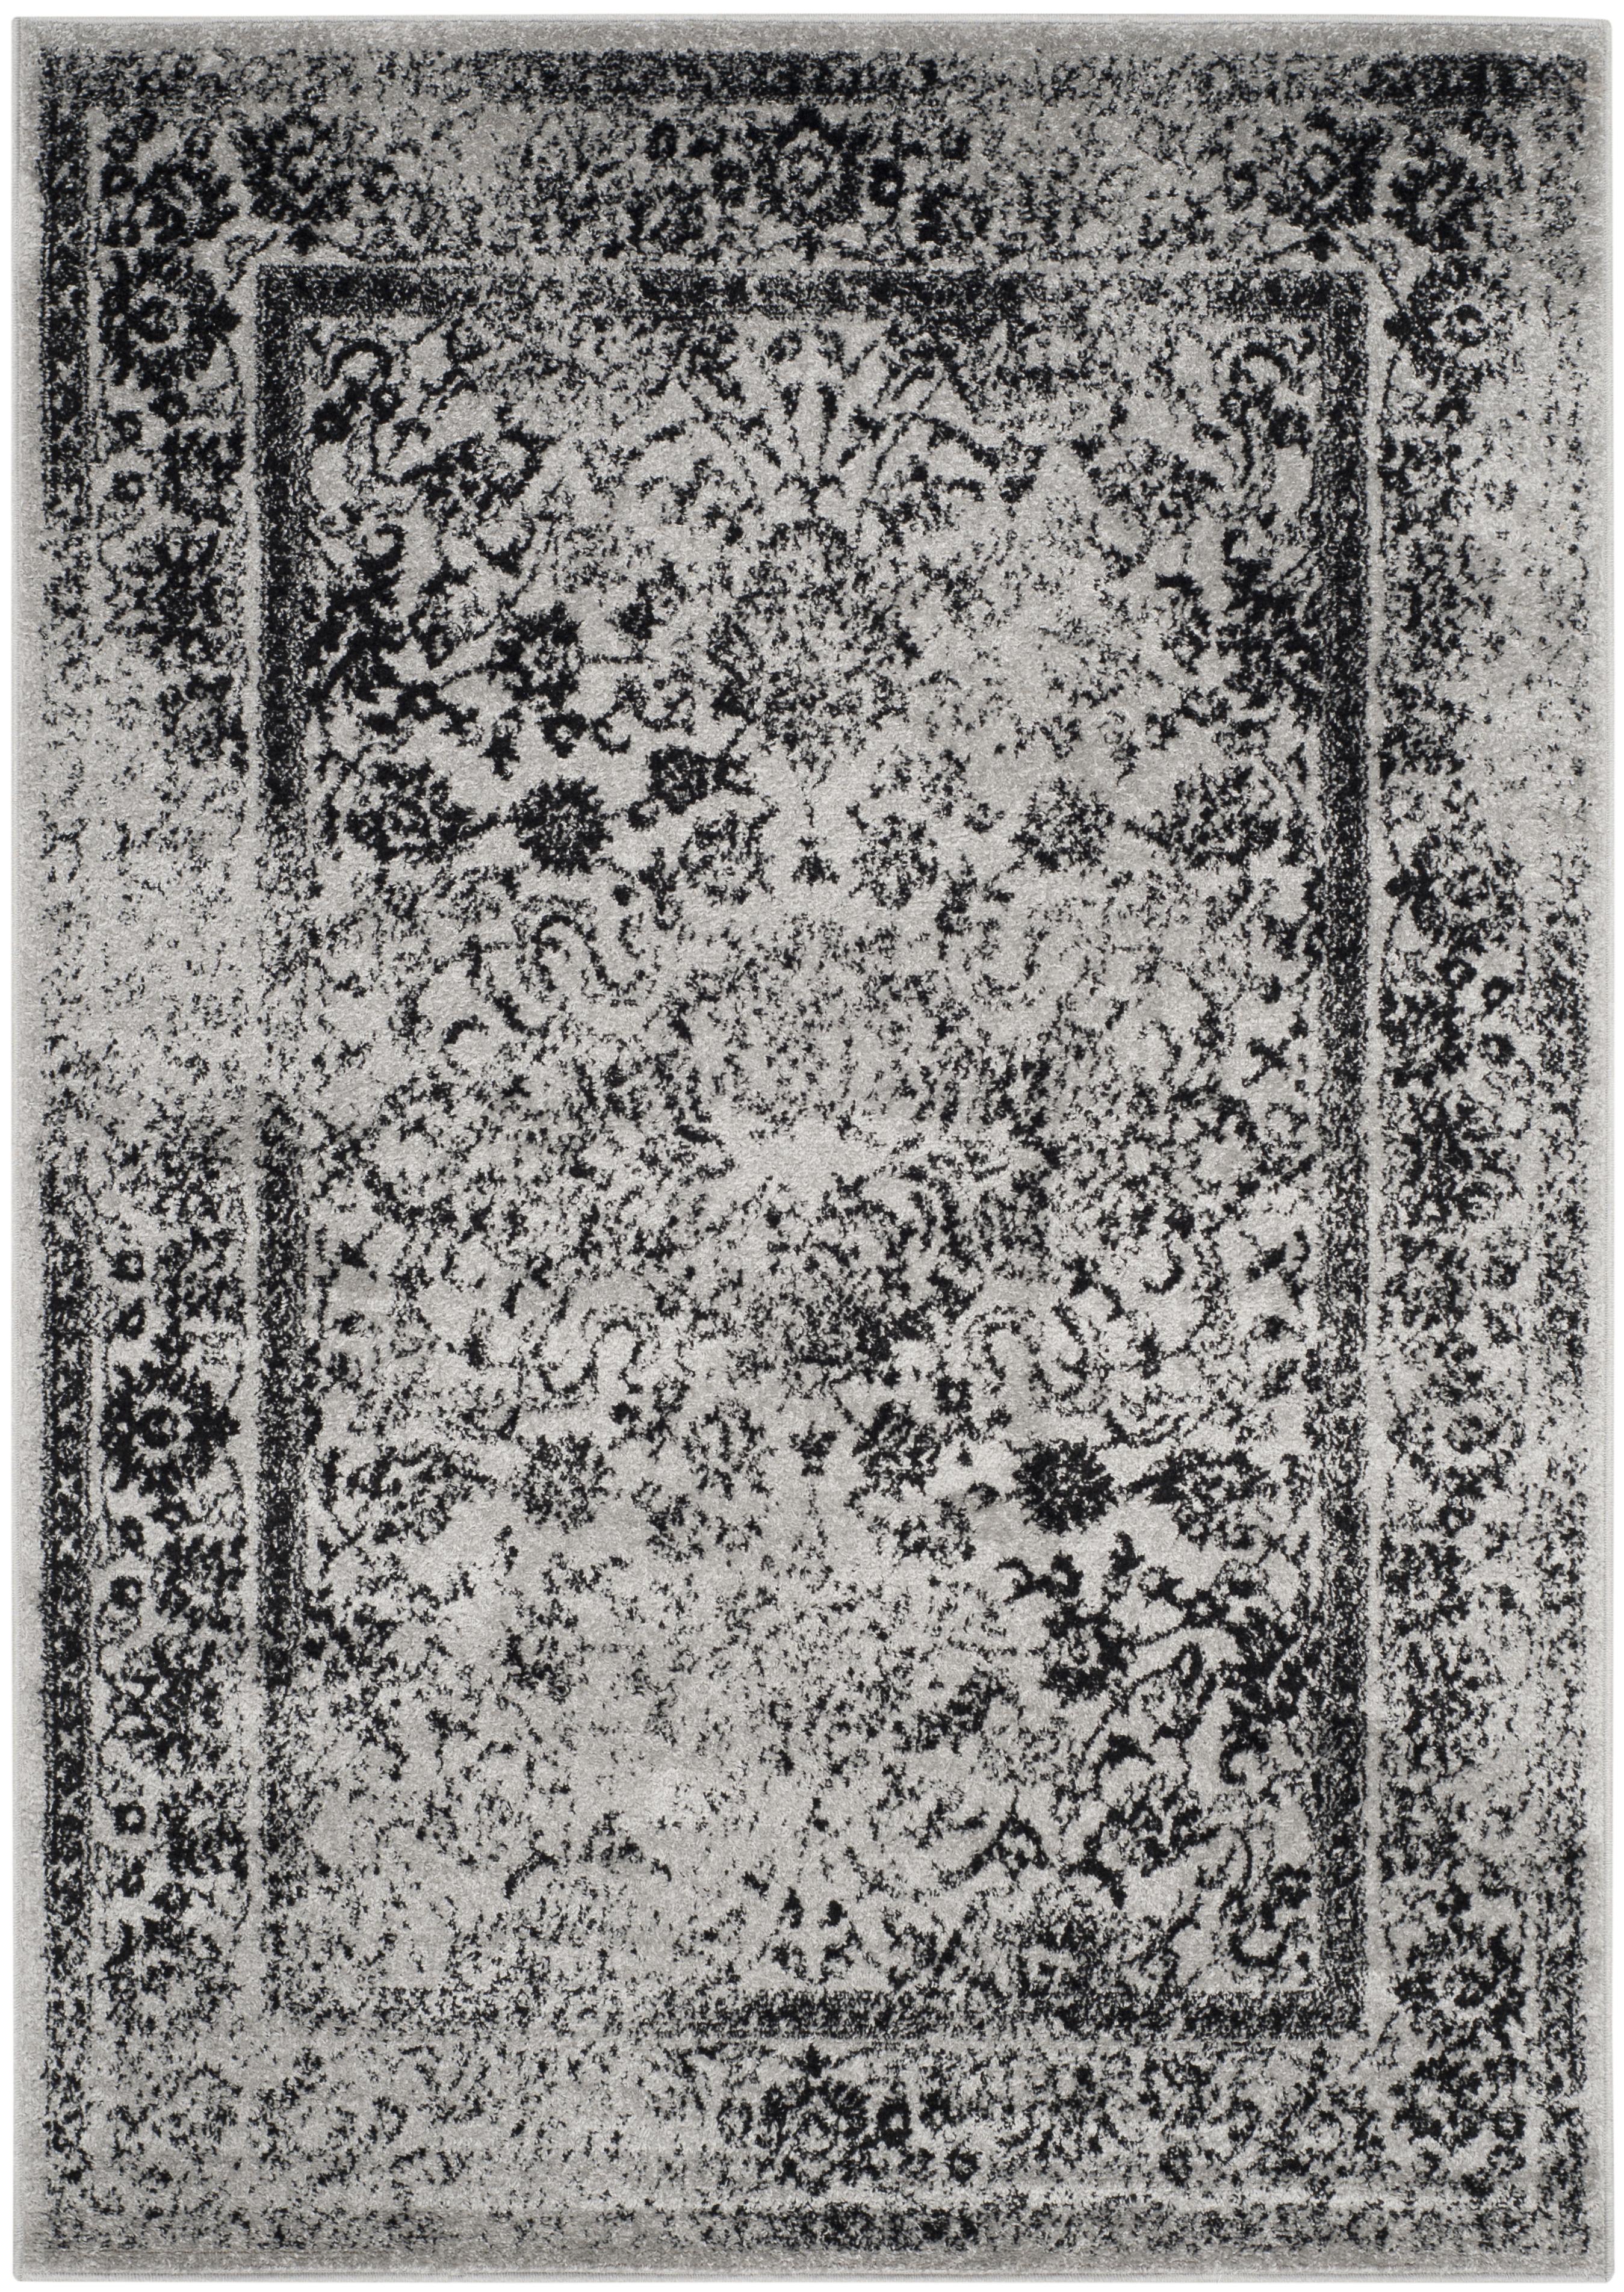 Tapis de salon contemporain gris et noir 160x230